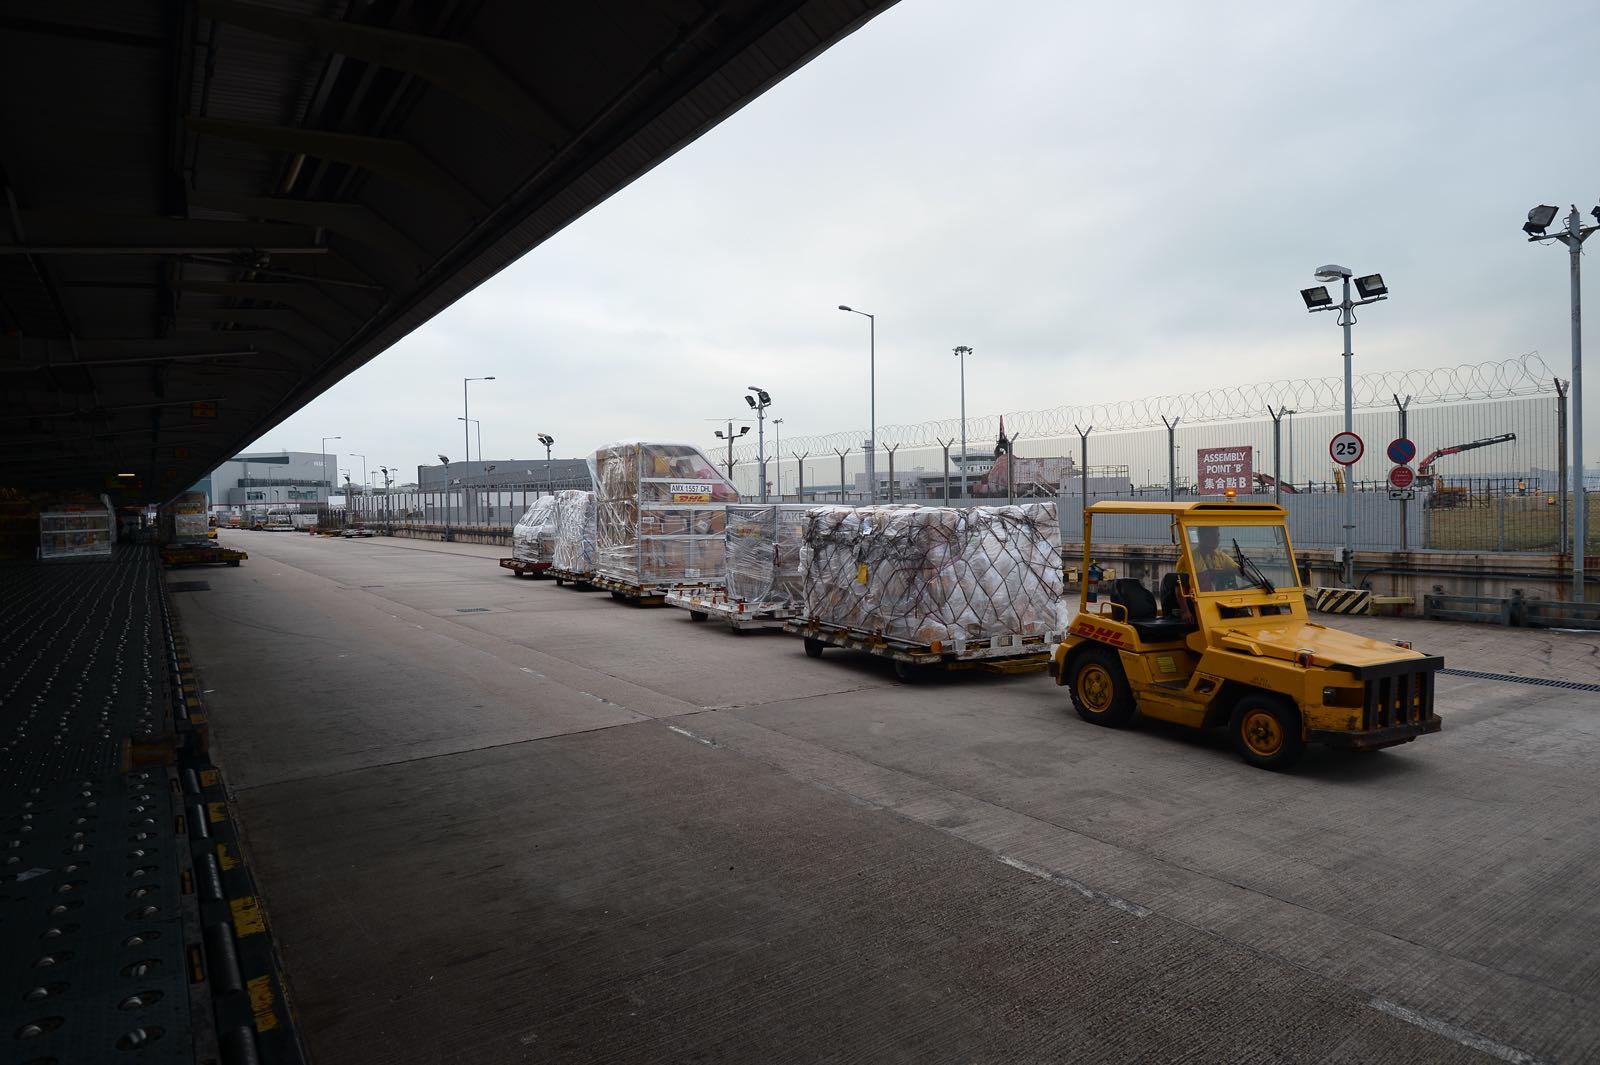 擴建後每小時處理貨量可增加近七成至12.5萬件,每年總運貨量可升五成至106萬噸。